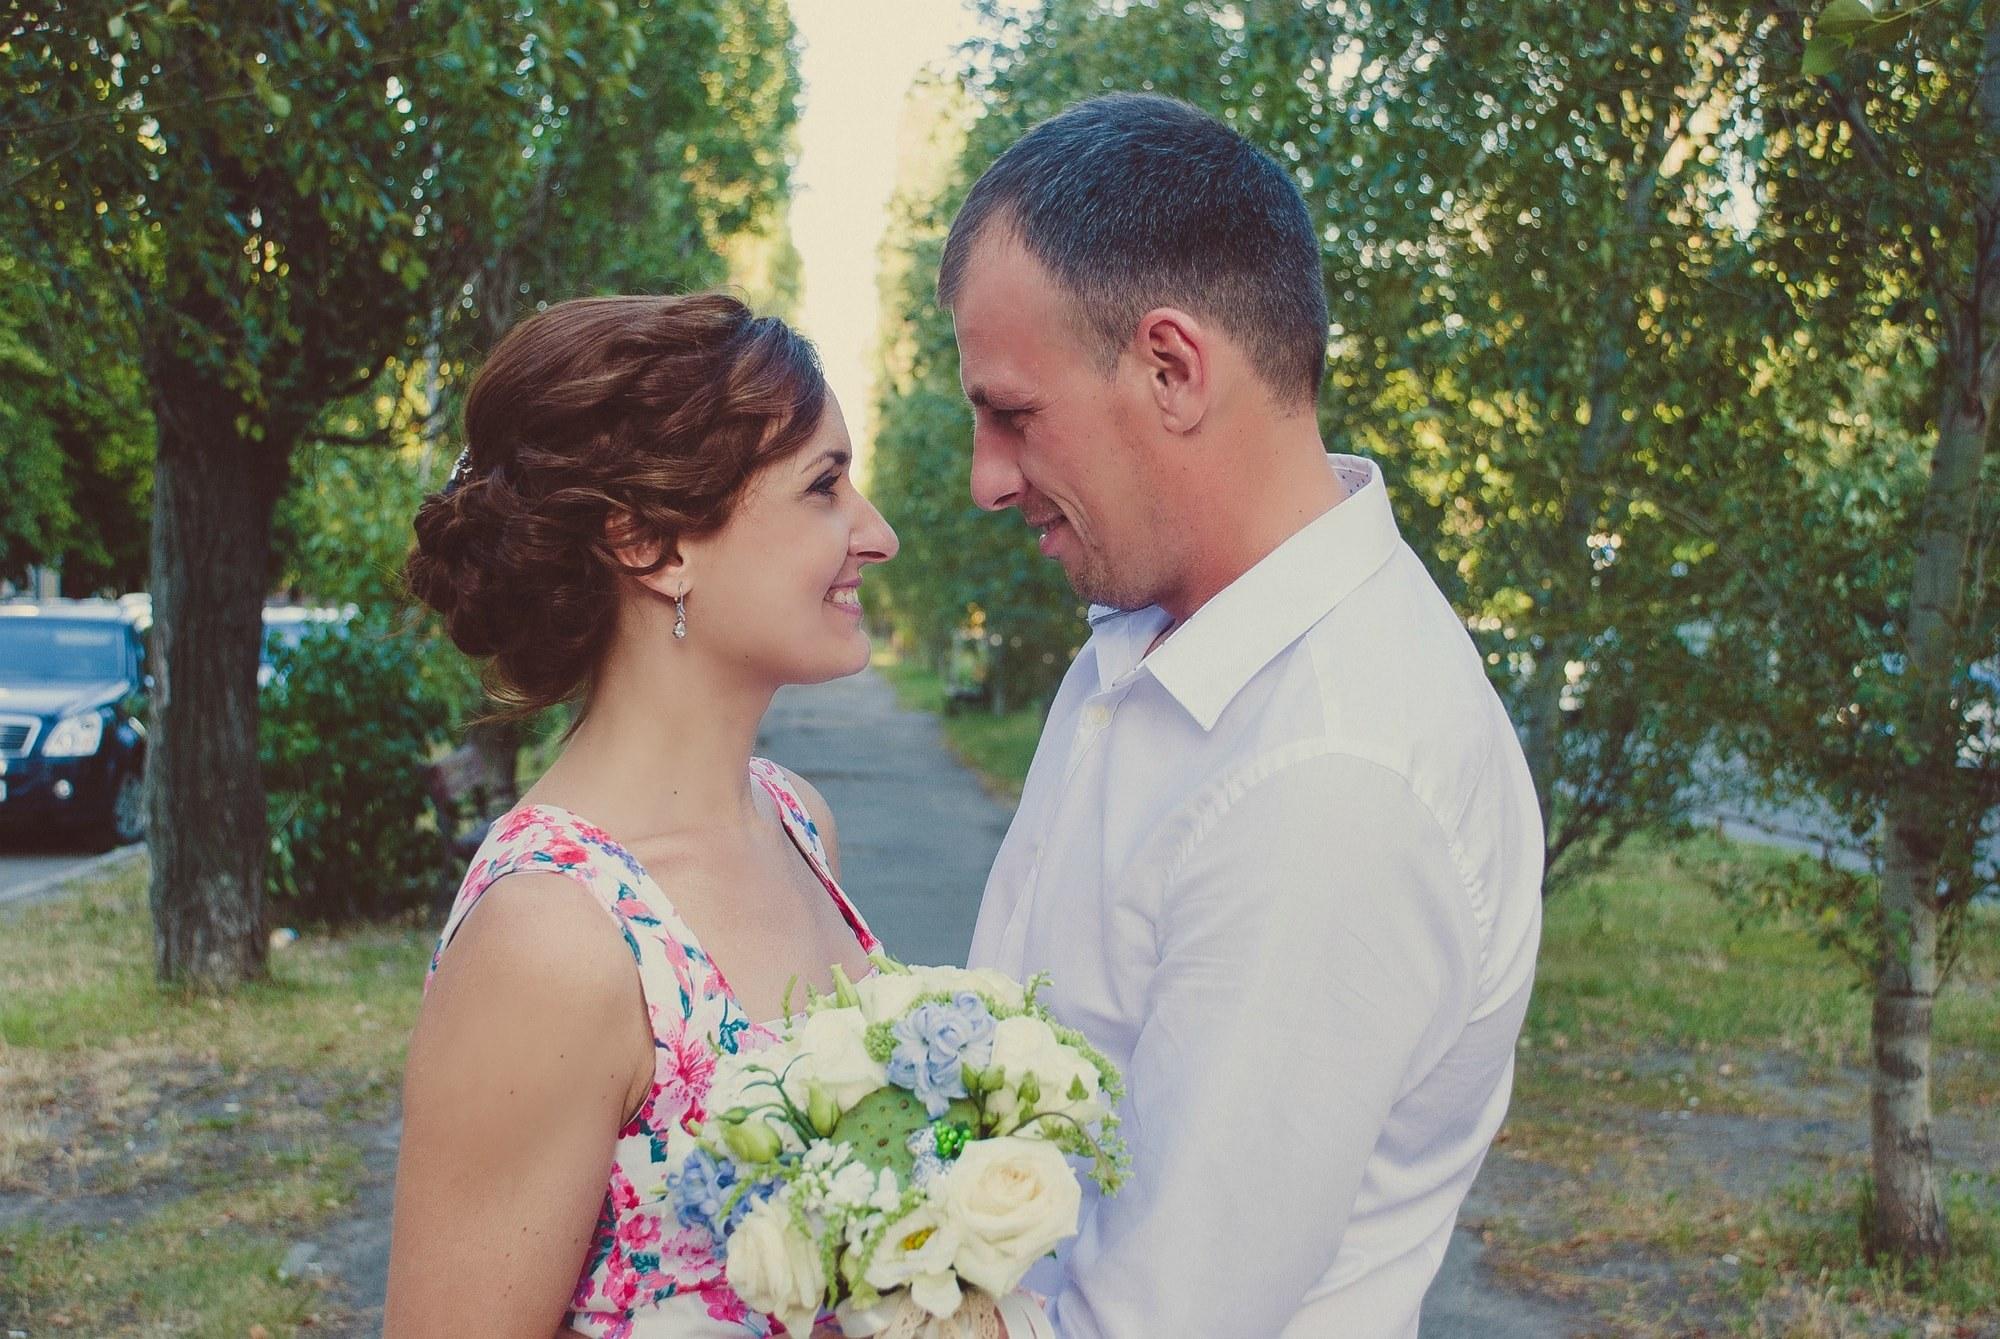 Свадебная инстаграм фотосессия - Фотограф Киев - Женя Лайт